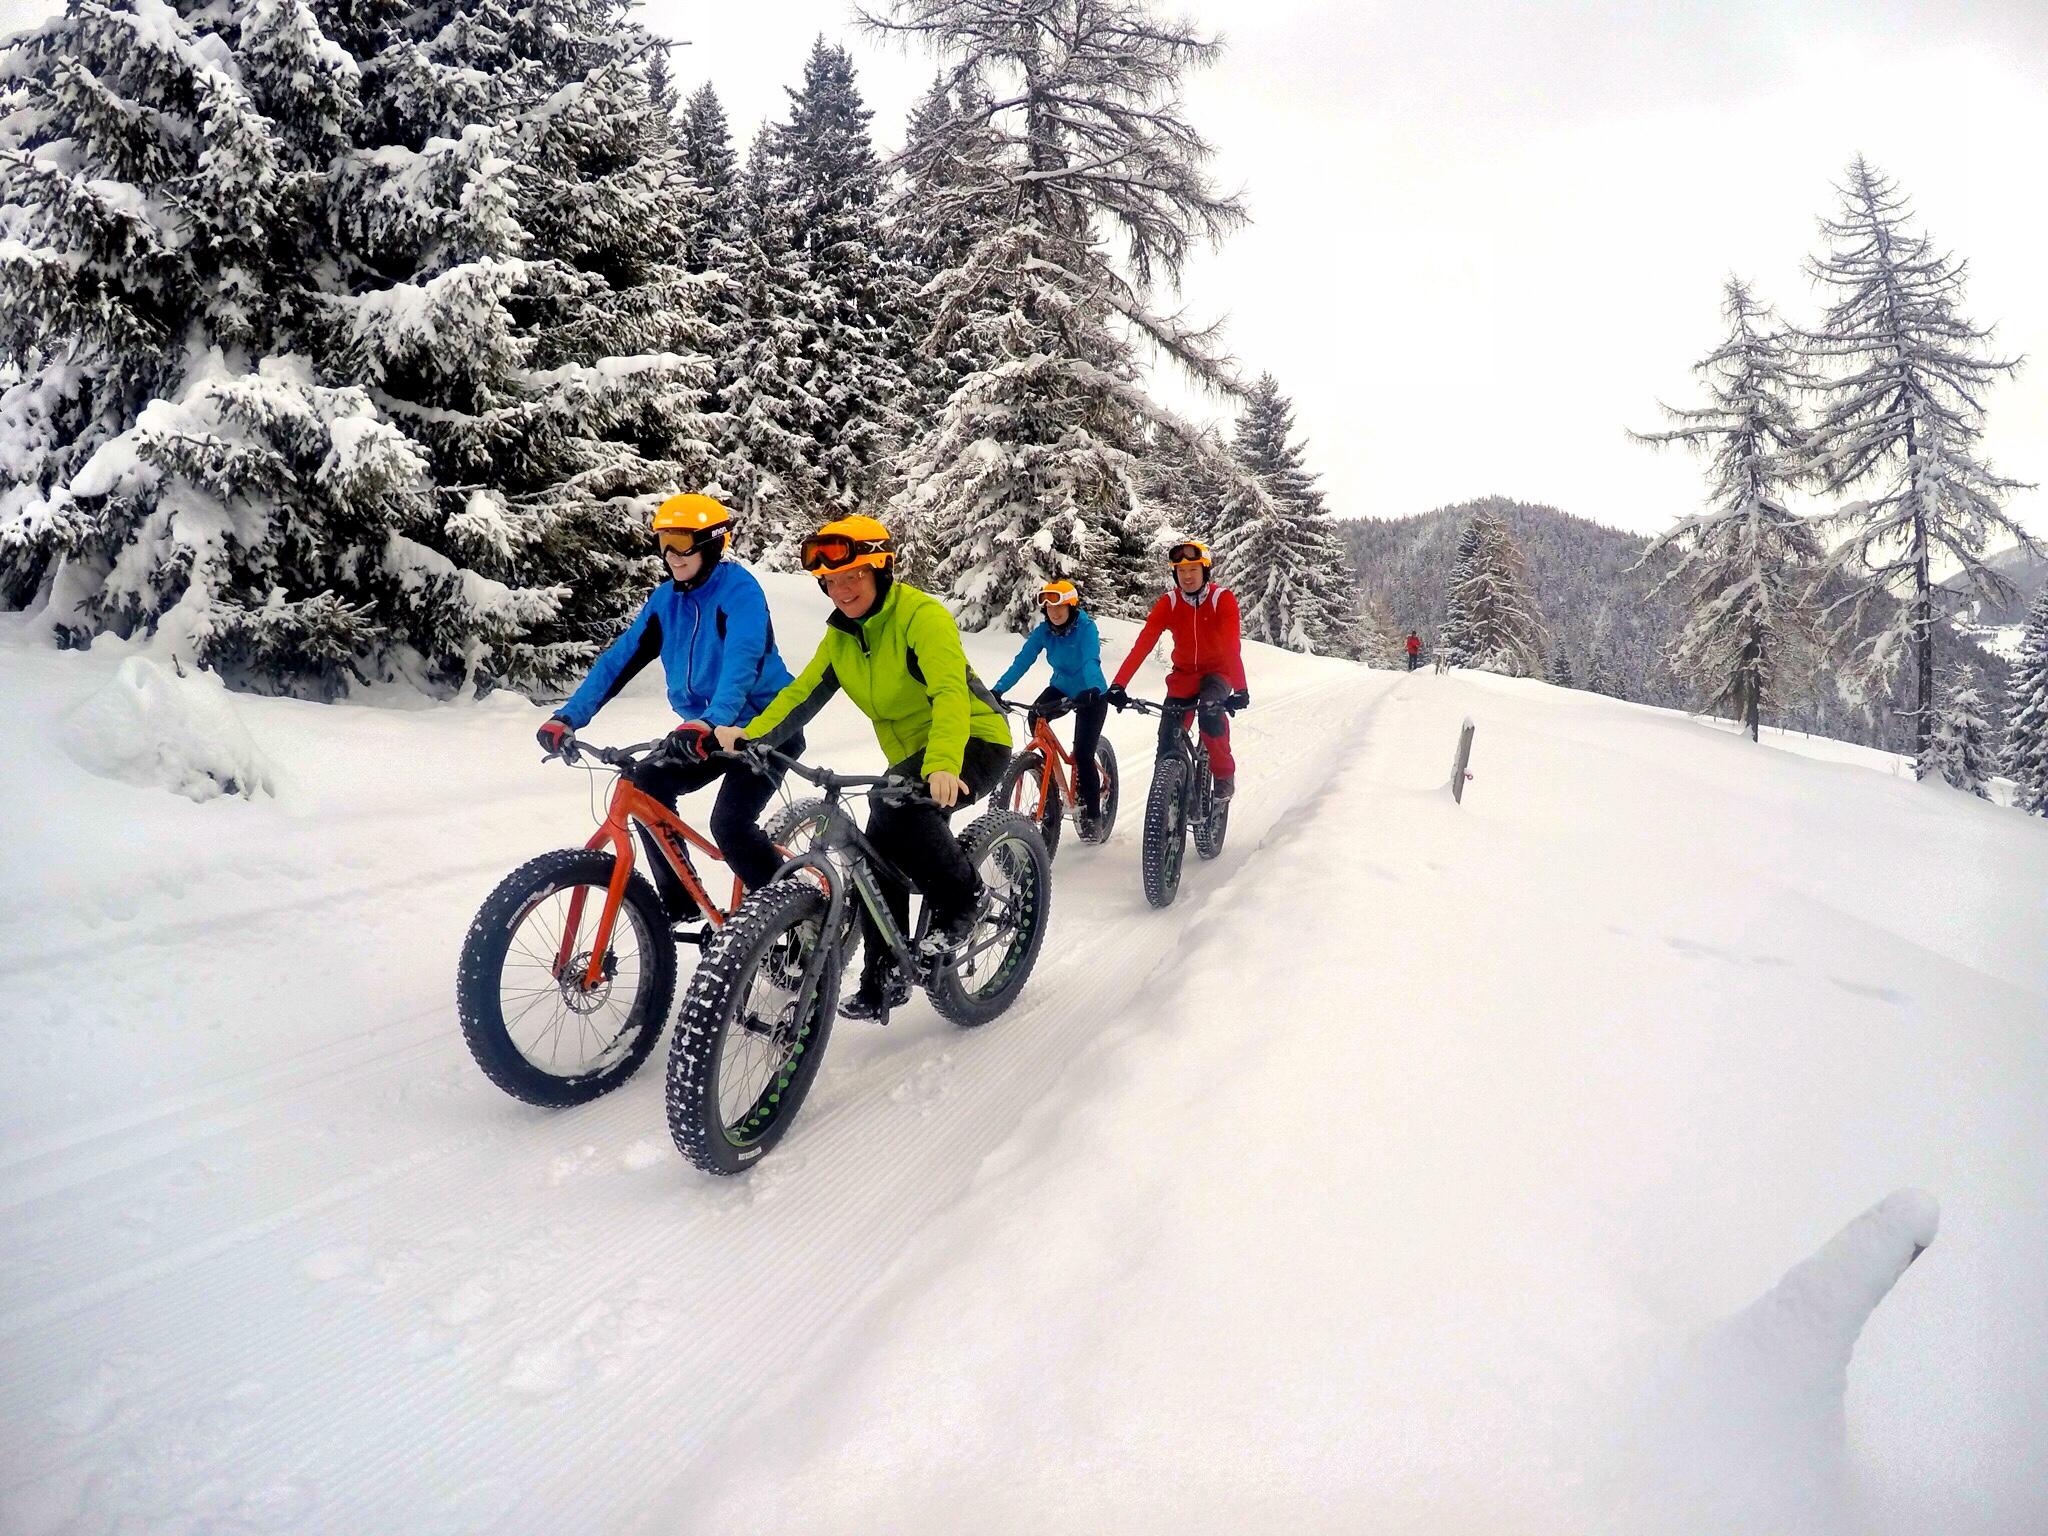 Weitere Winteraktivitäten in Forstau Bild 2